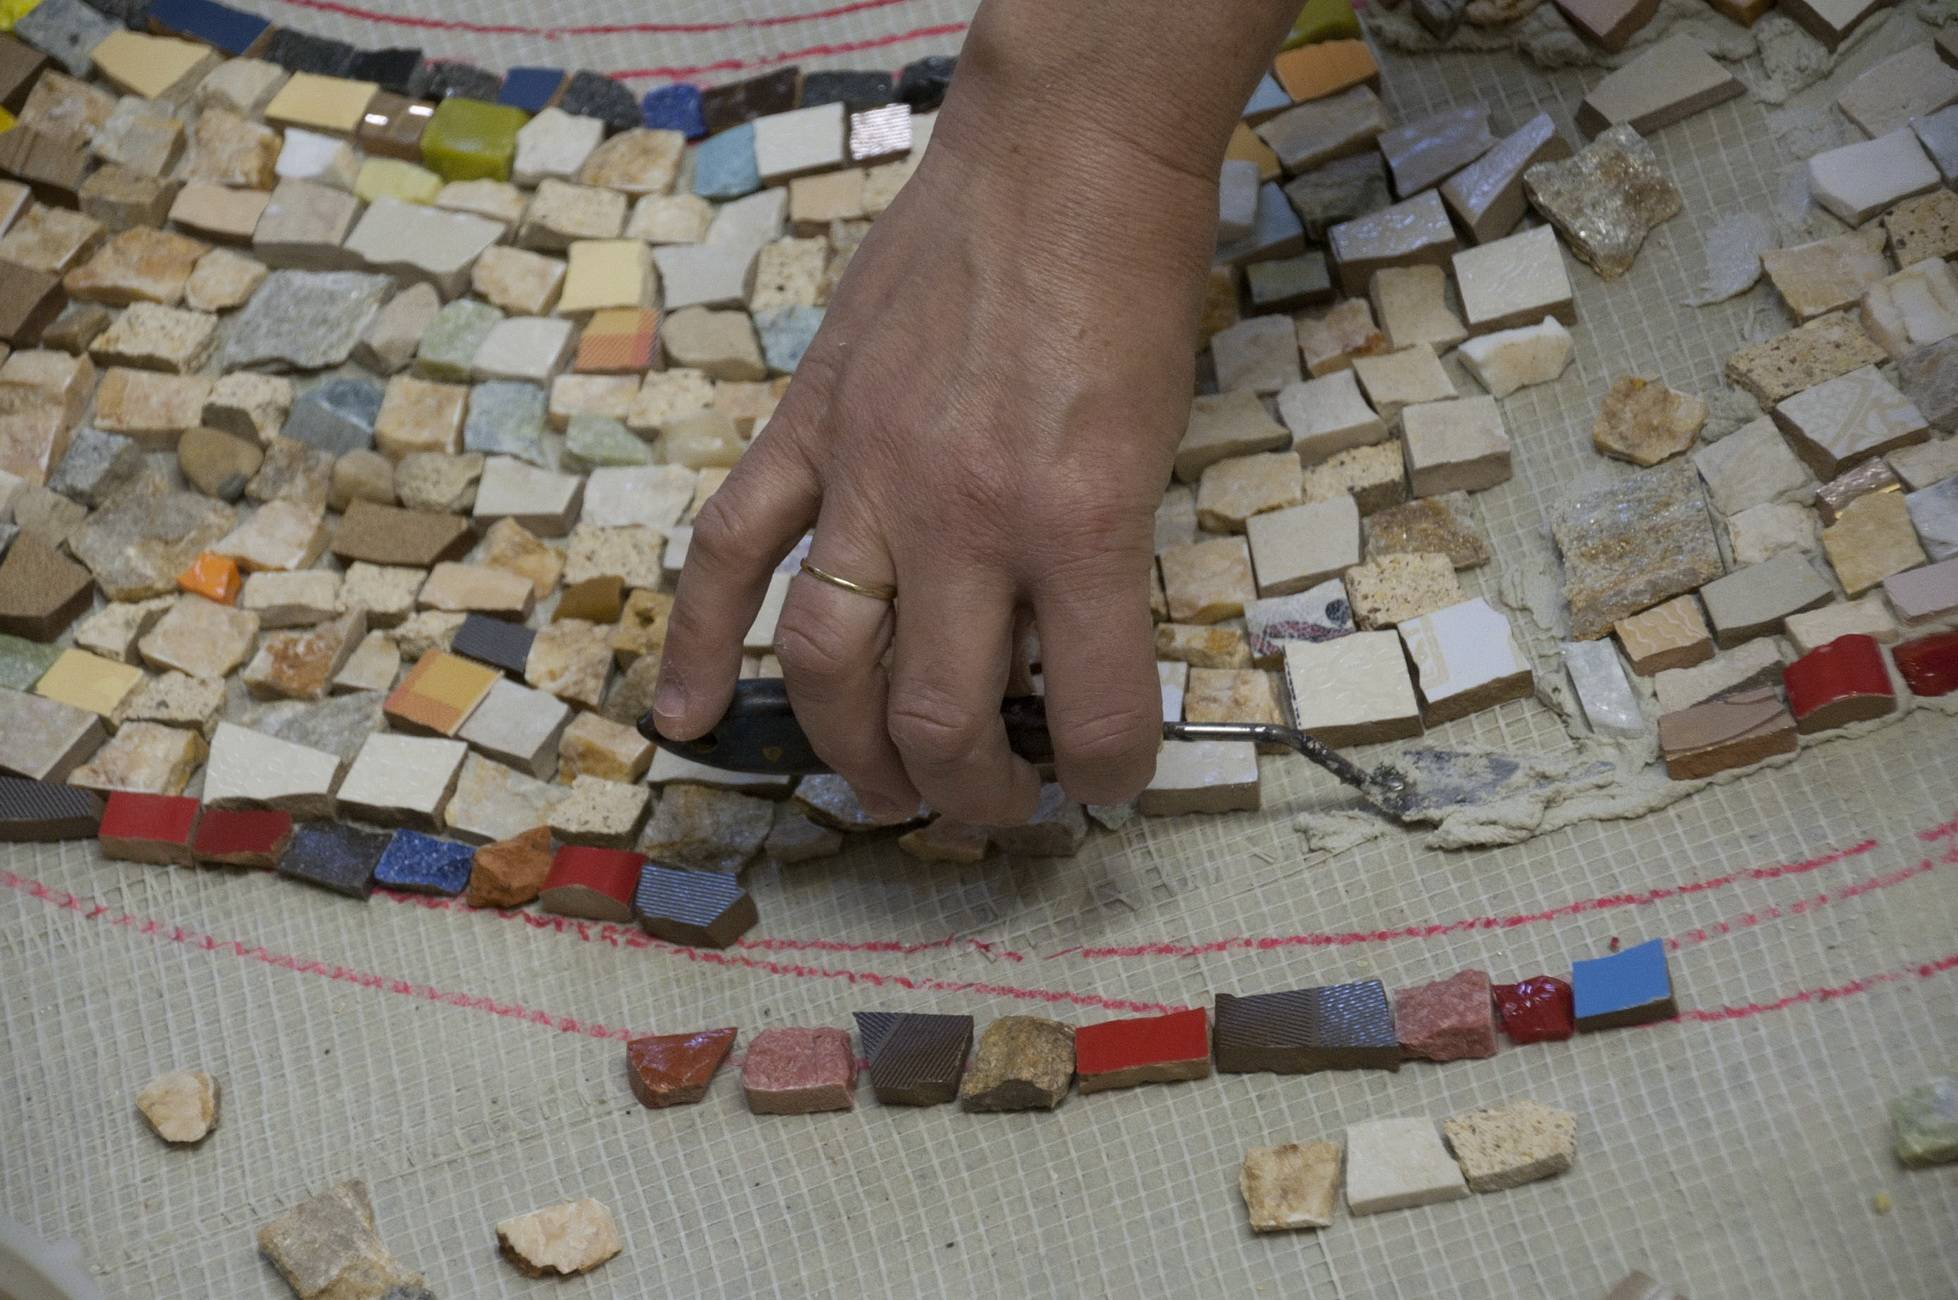 Плитка-мозаика для ванной (91 фото): дизайн мозаичной продукции для пола в комнате, укладка керамическая плитки на столешницу